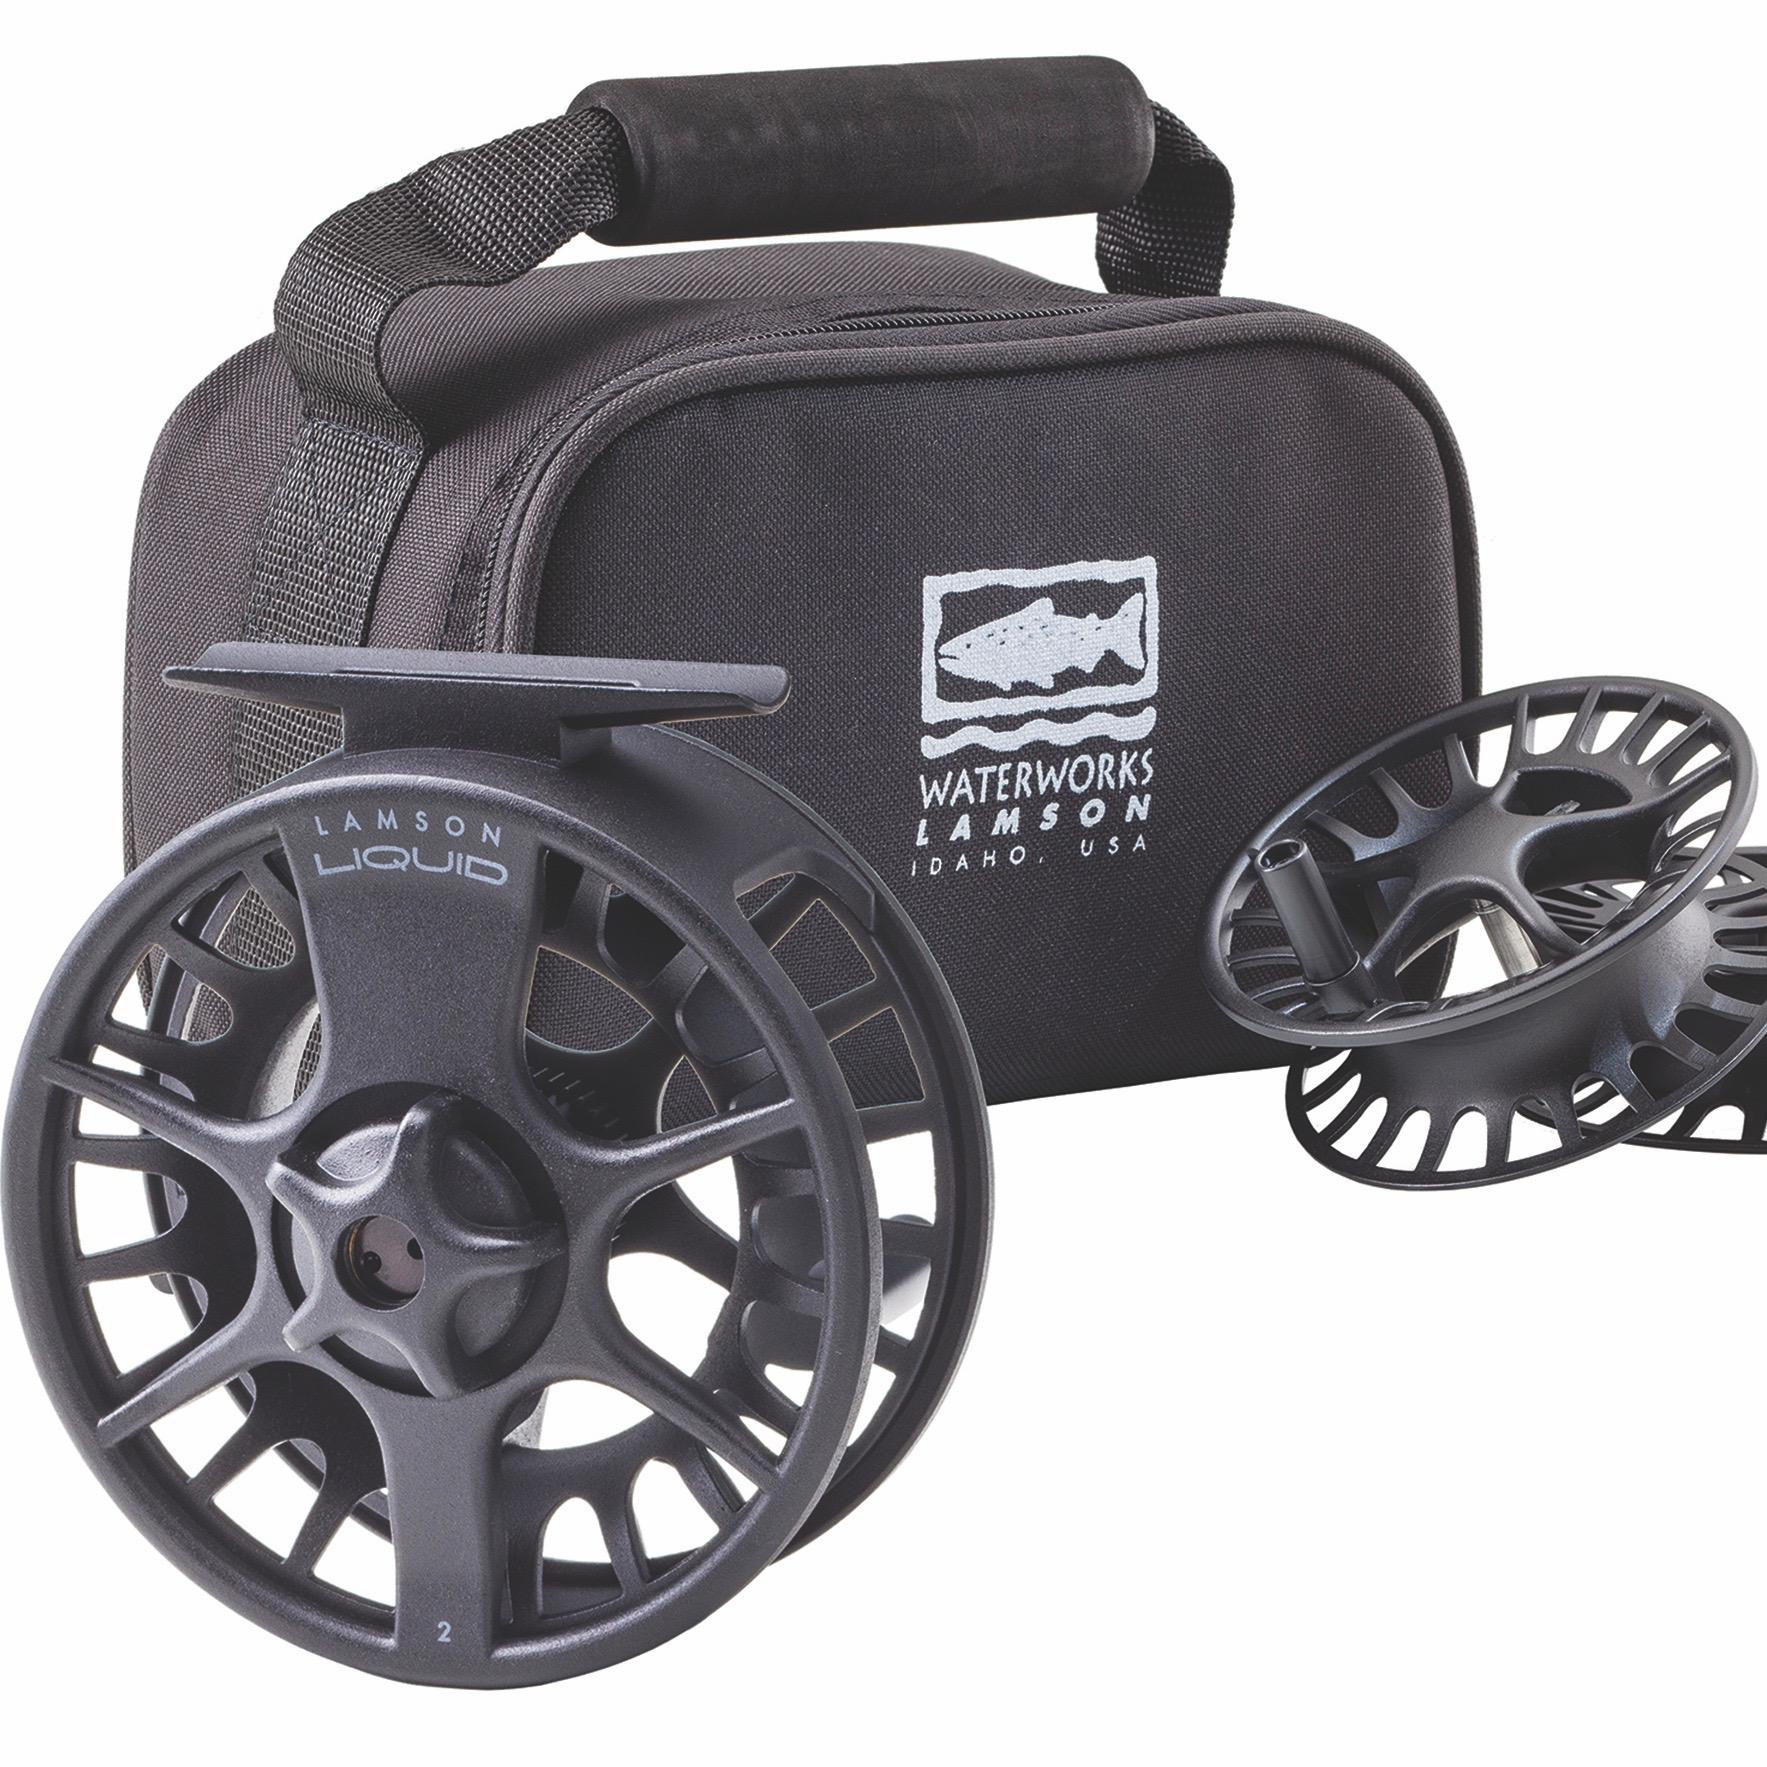 Lamson Liquid 3 Pack:  https://ironbowflyshop.ca/products/lamson-waterworks-3-pack-reel-spools